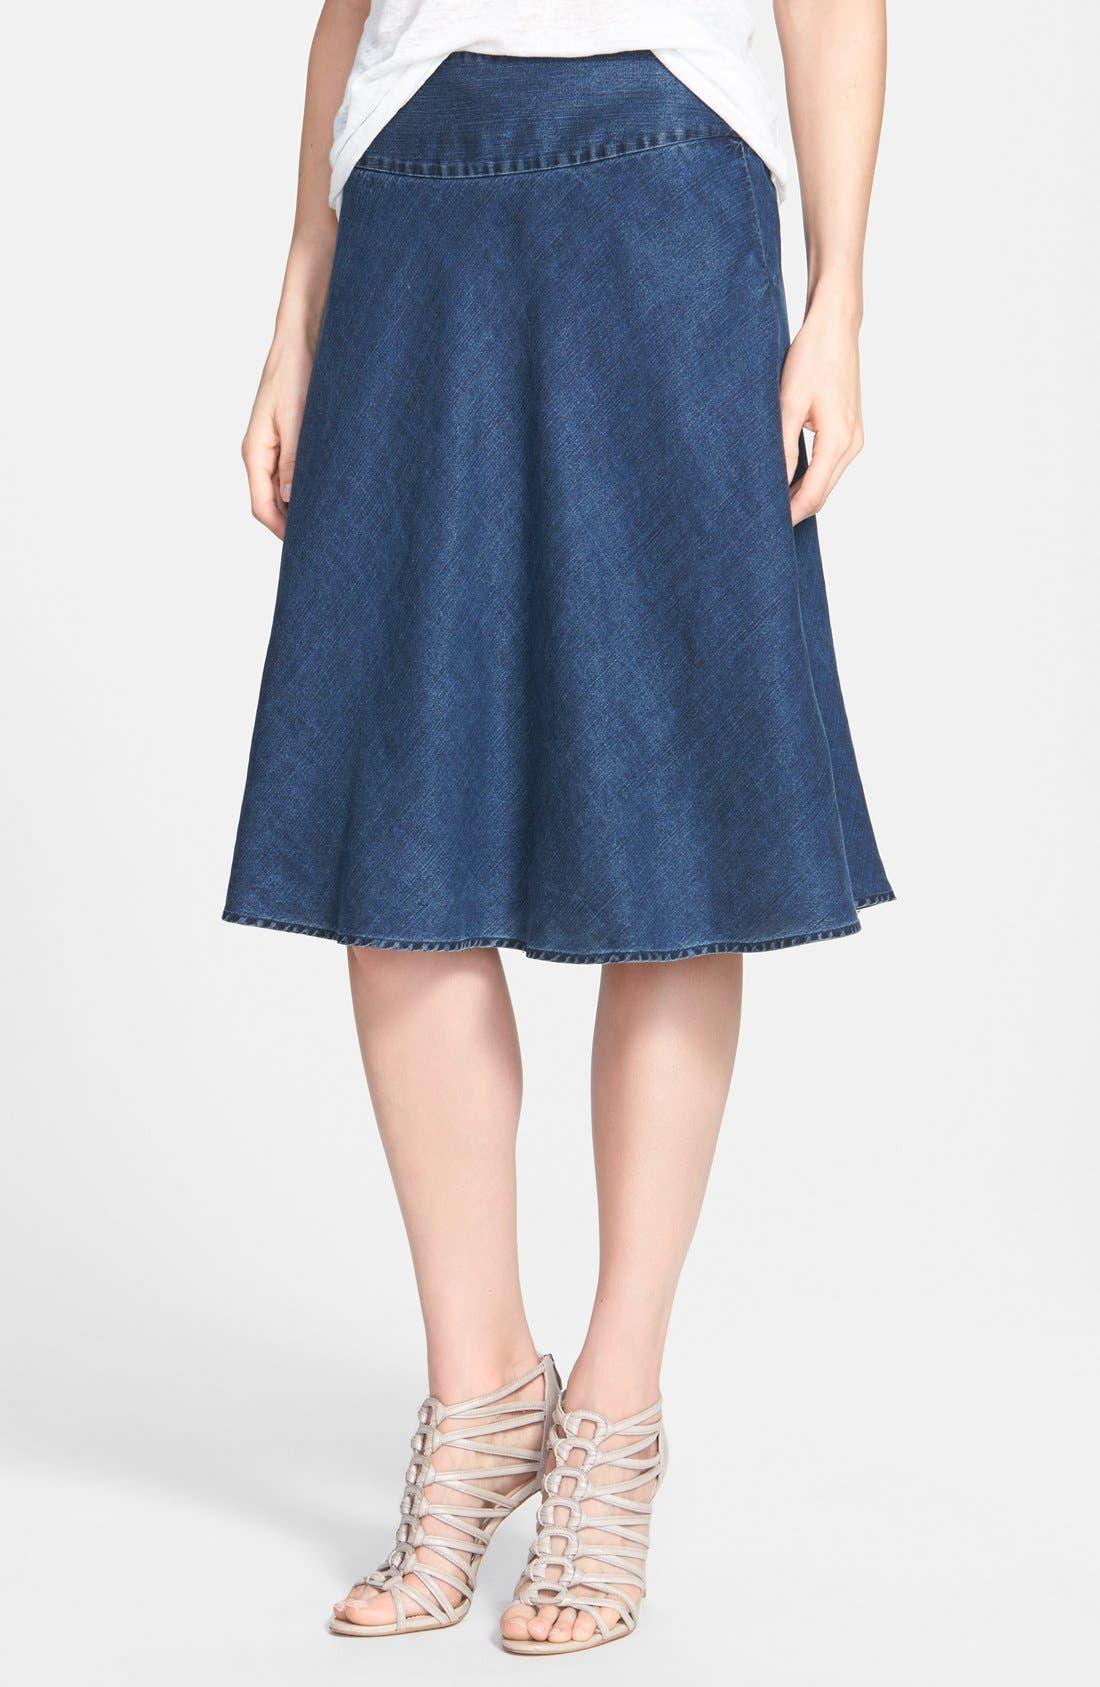 Alternate Image 1 Selected - NIC+ZOE 'Summer Fling' Flirt Skirt